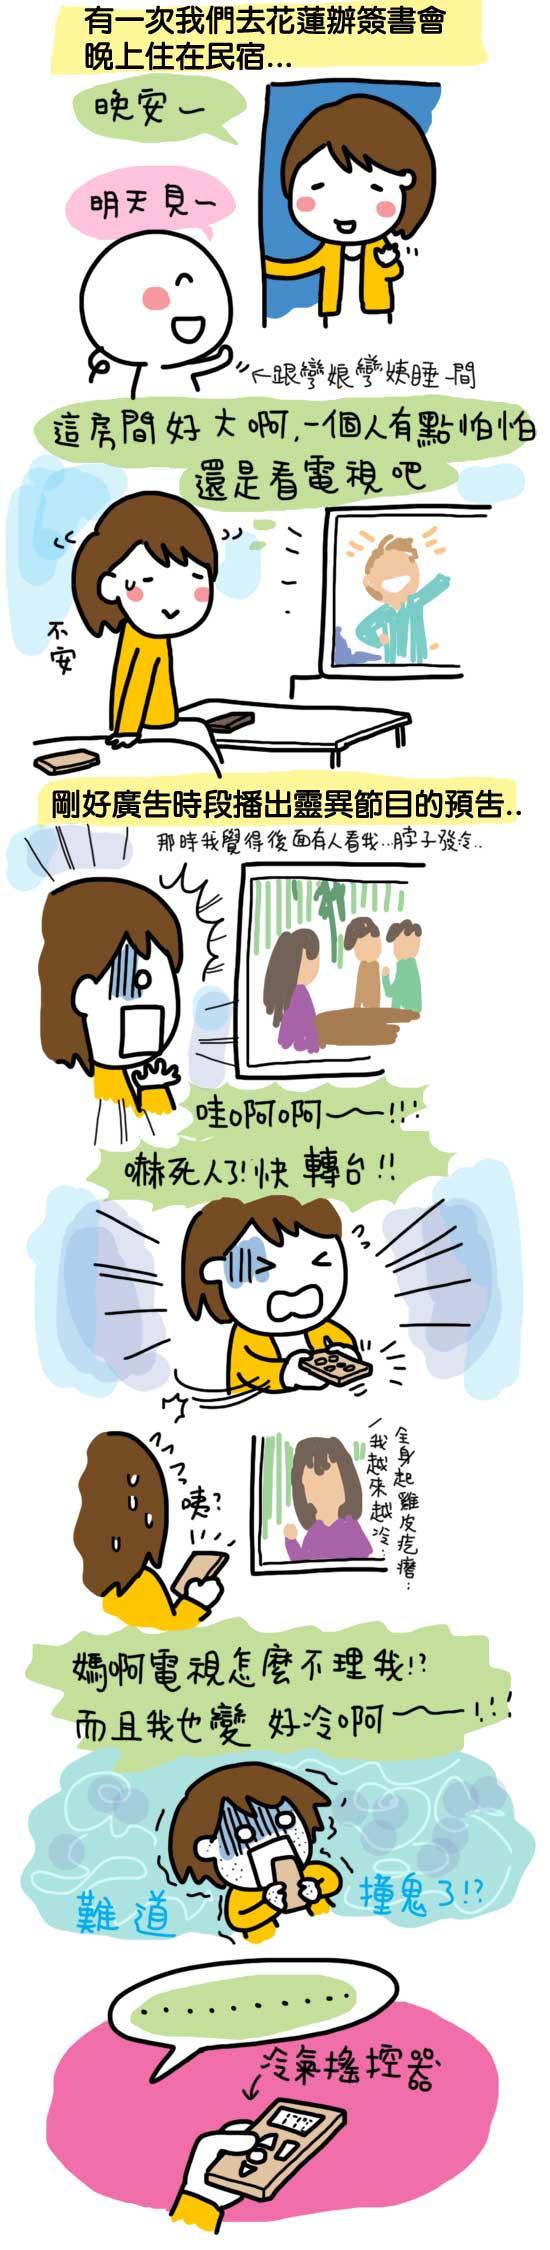 1021-貝兒驚魂記02